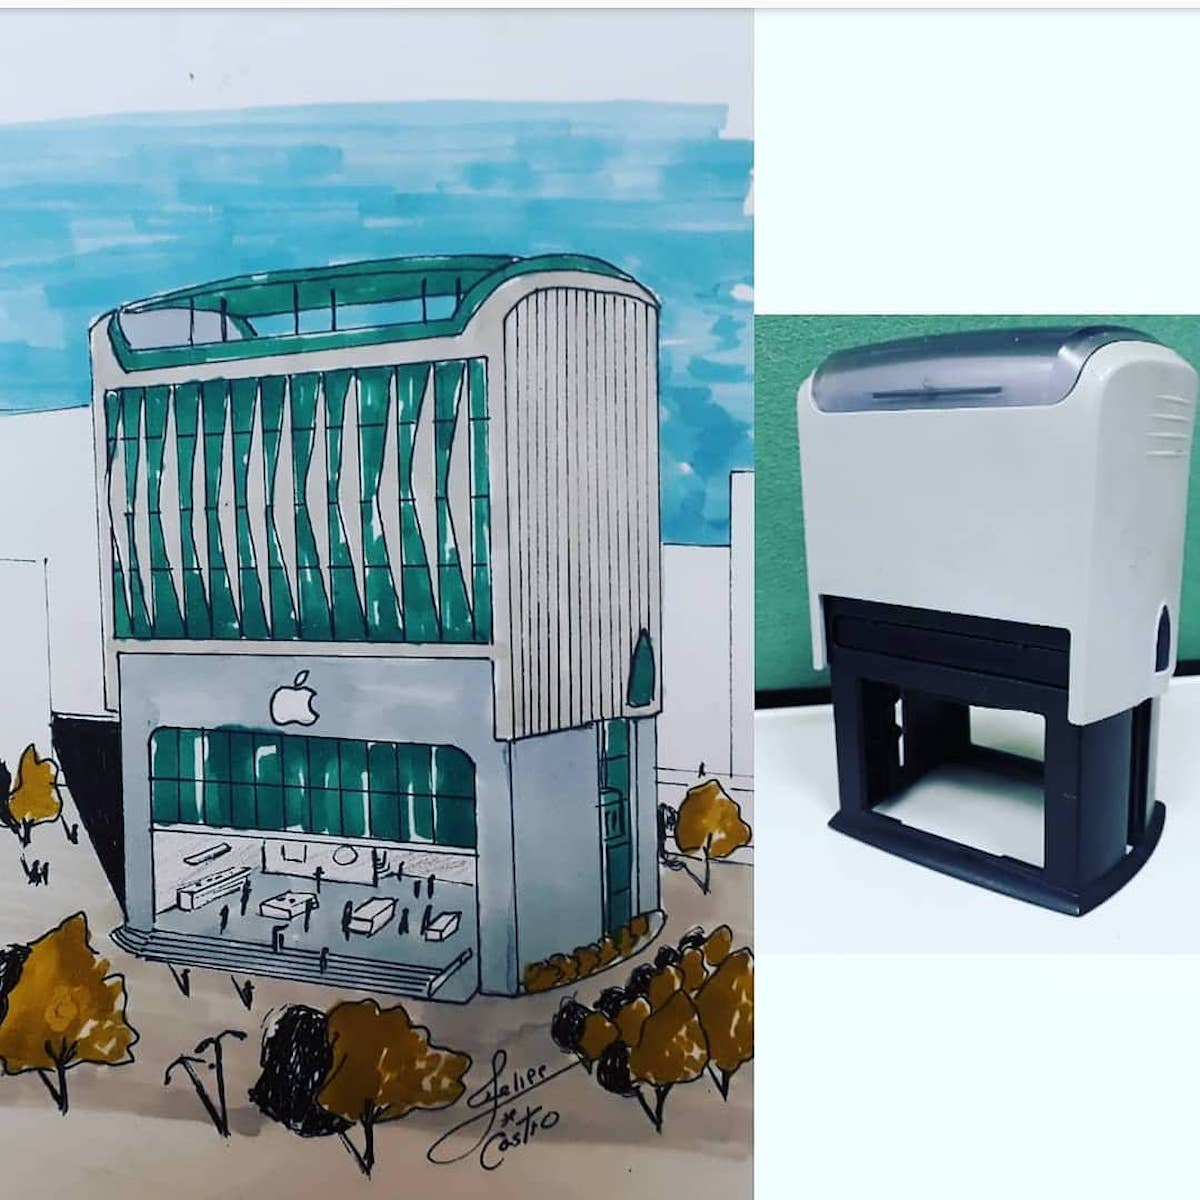 Felipe de Castro transforme les objets en bâtiments